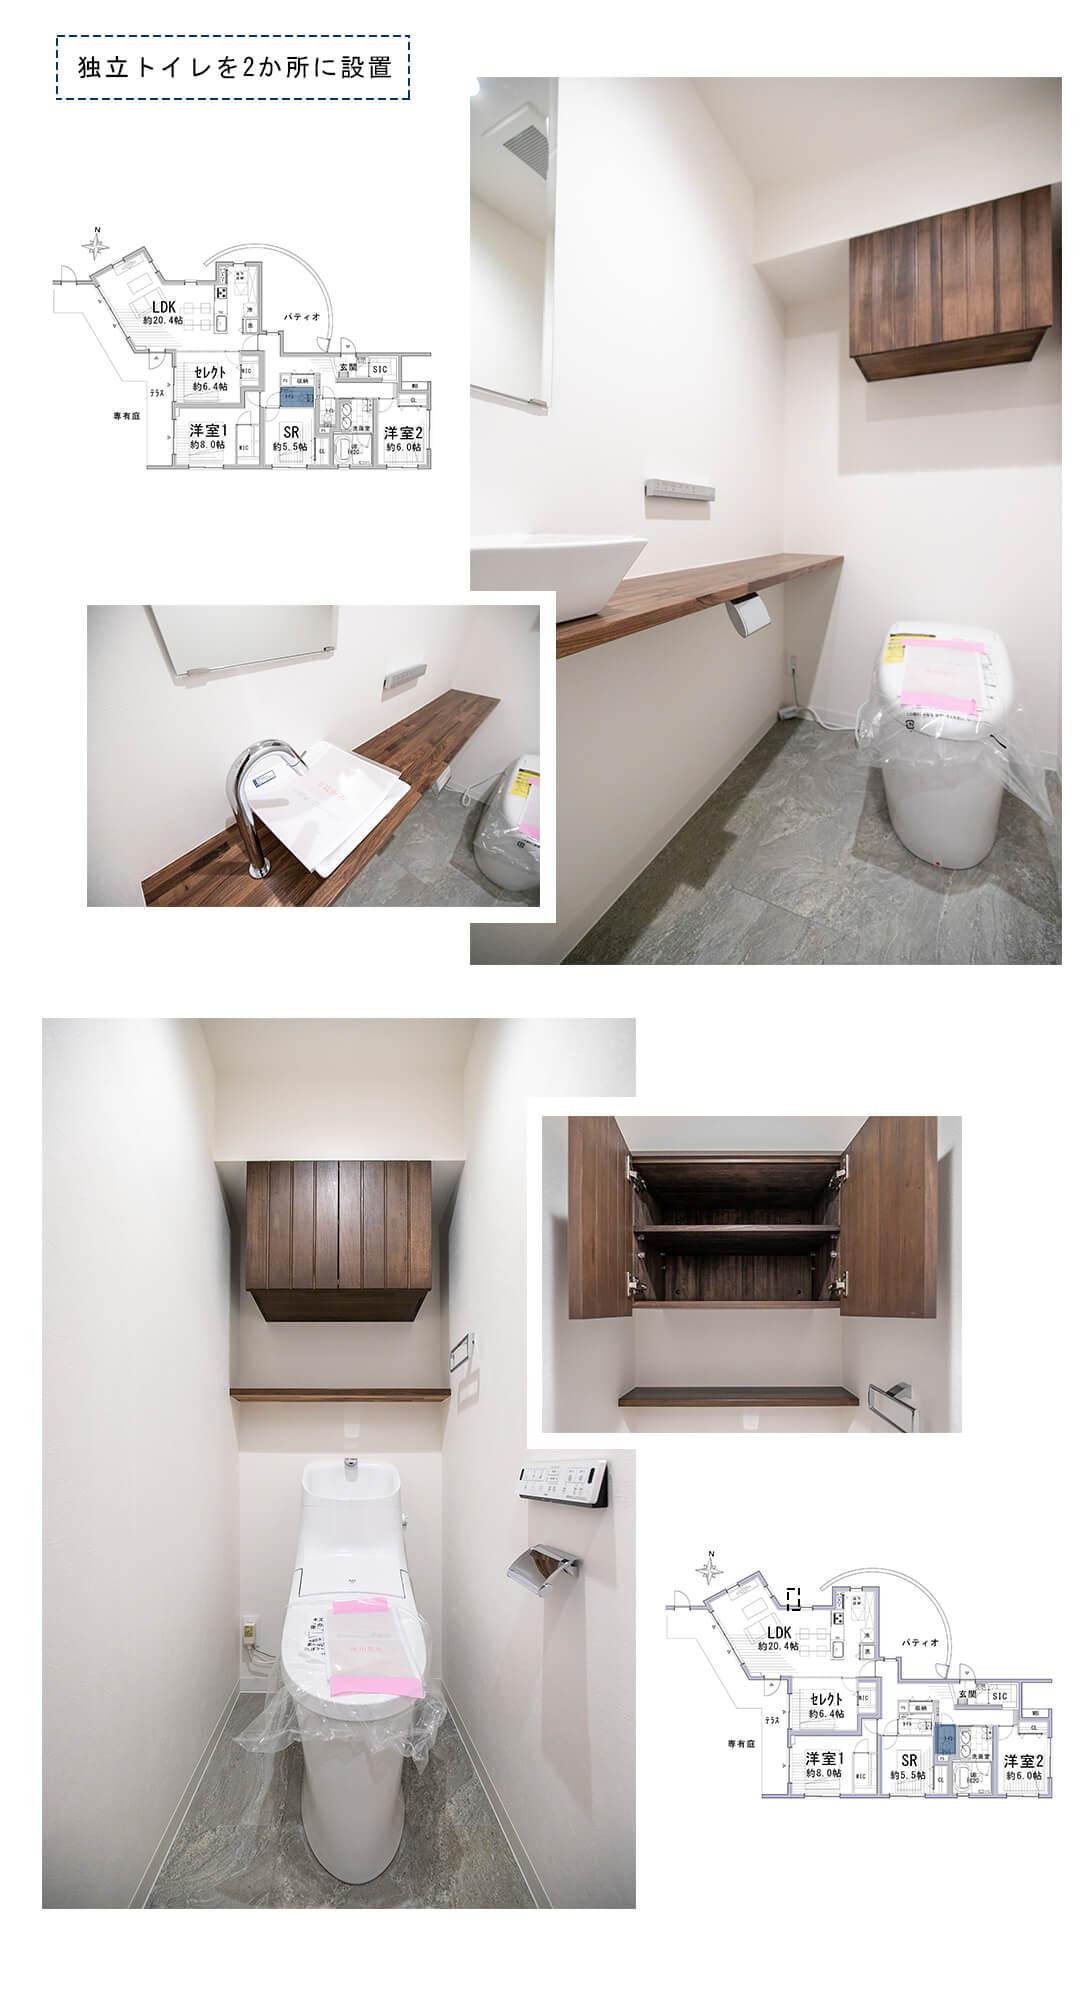 アトラス荻窪三丁目のトイレ